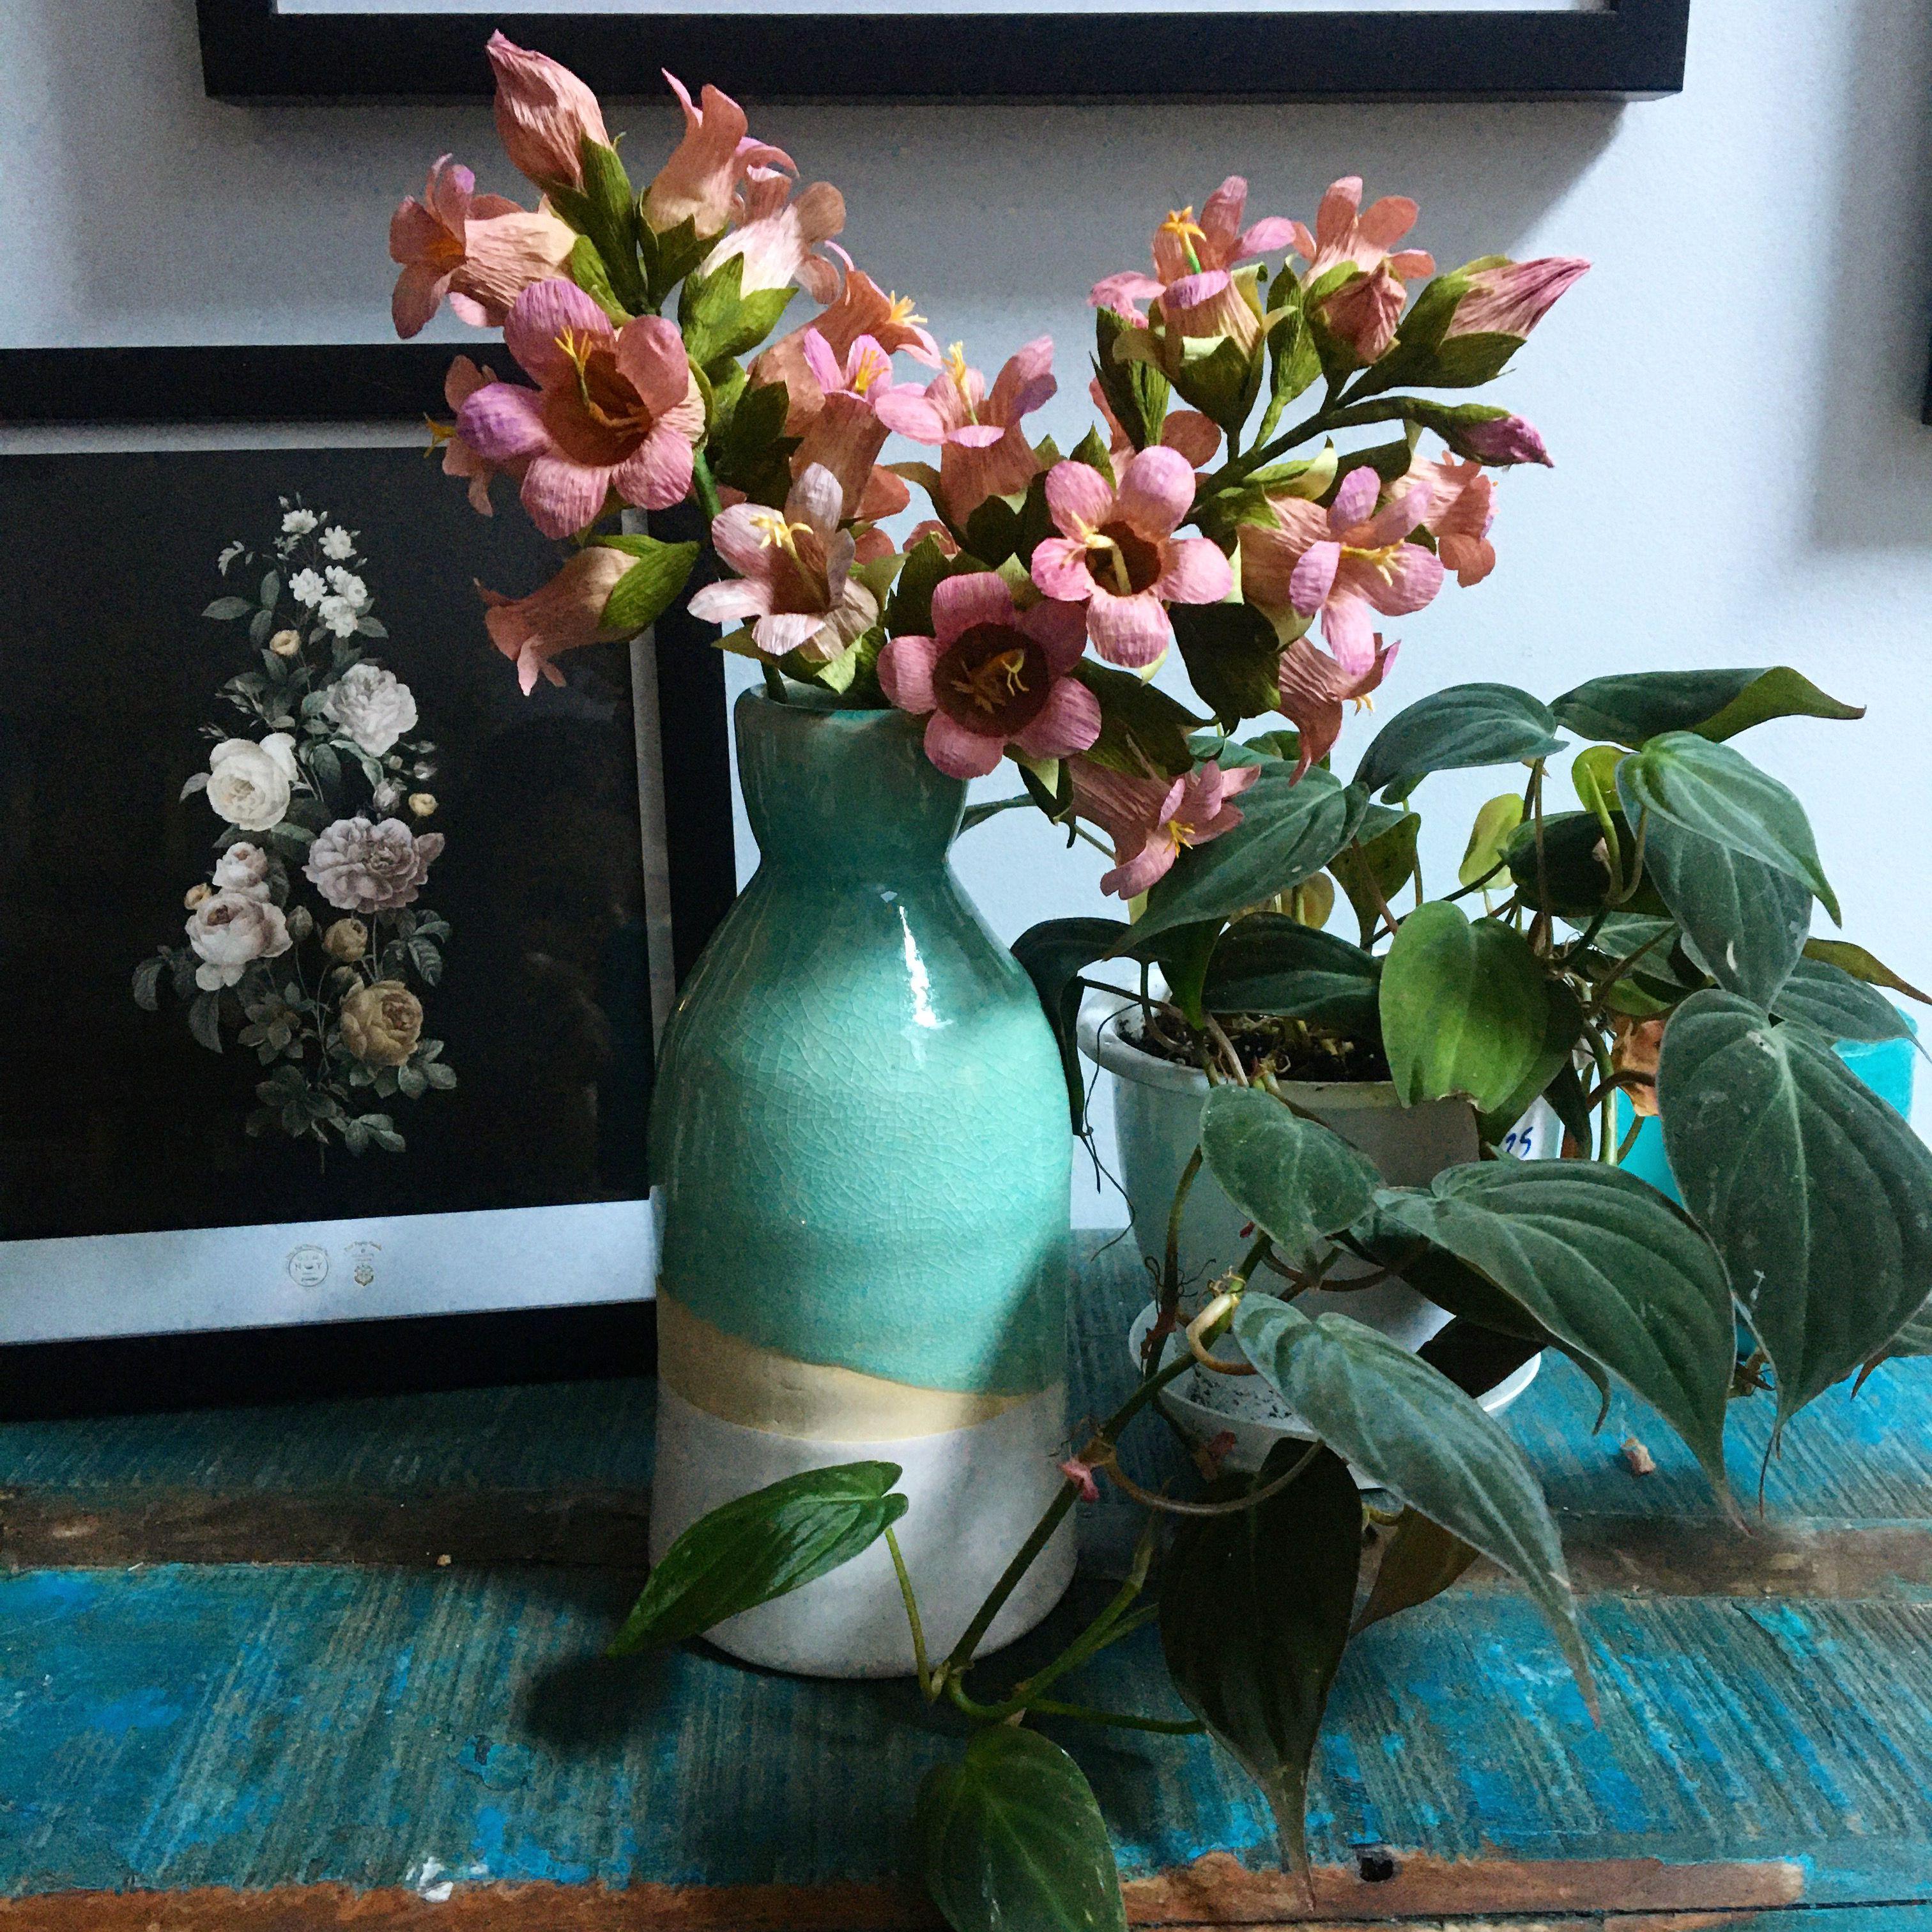 Handmade Flowers Canterbury Bells In Paper In 2020 Paper Bouquet Handmade Flowers Forever Bouquets